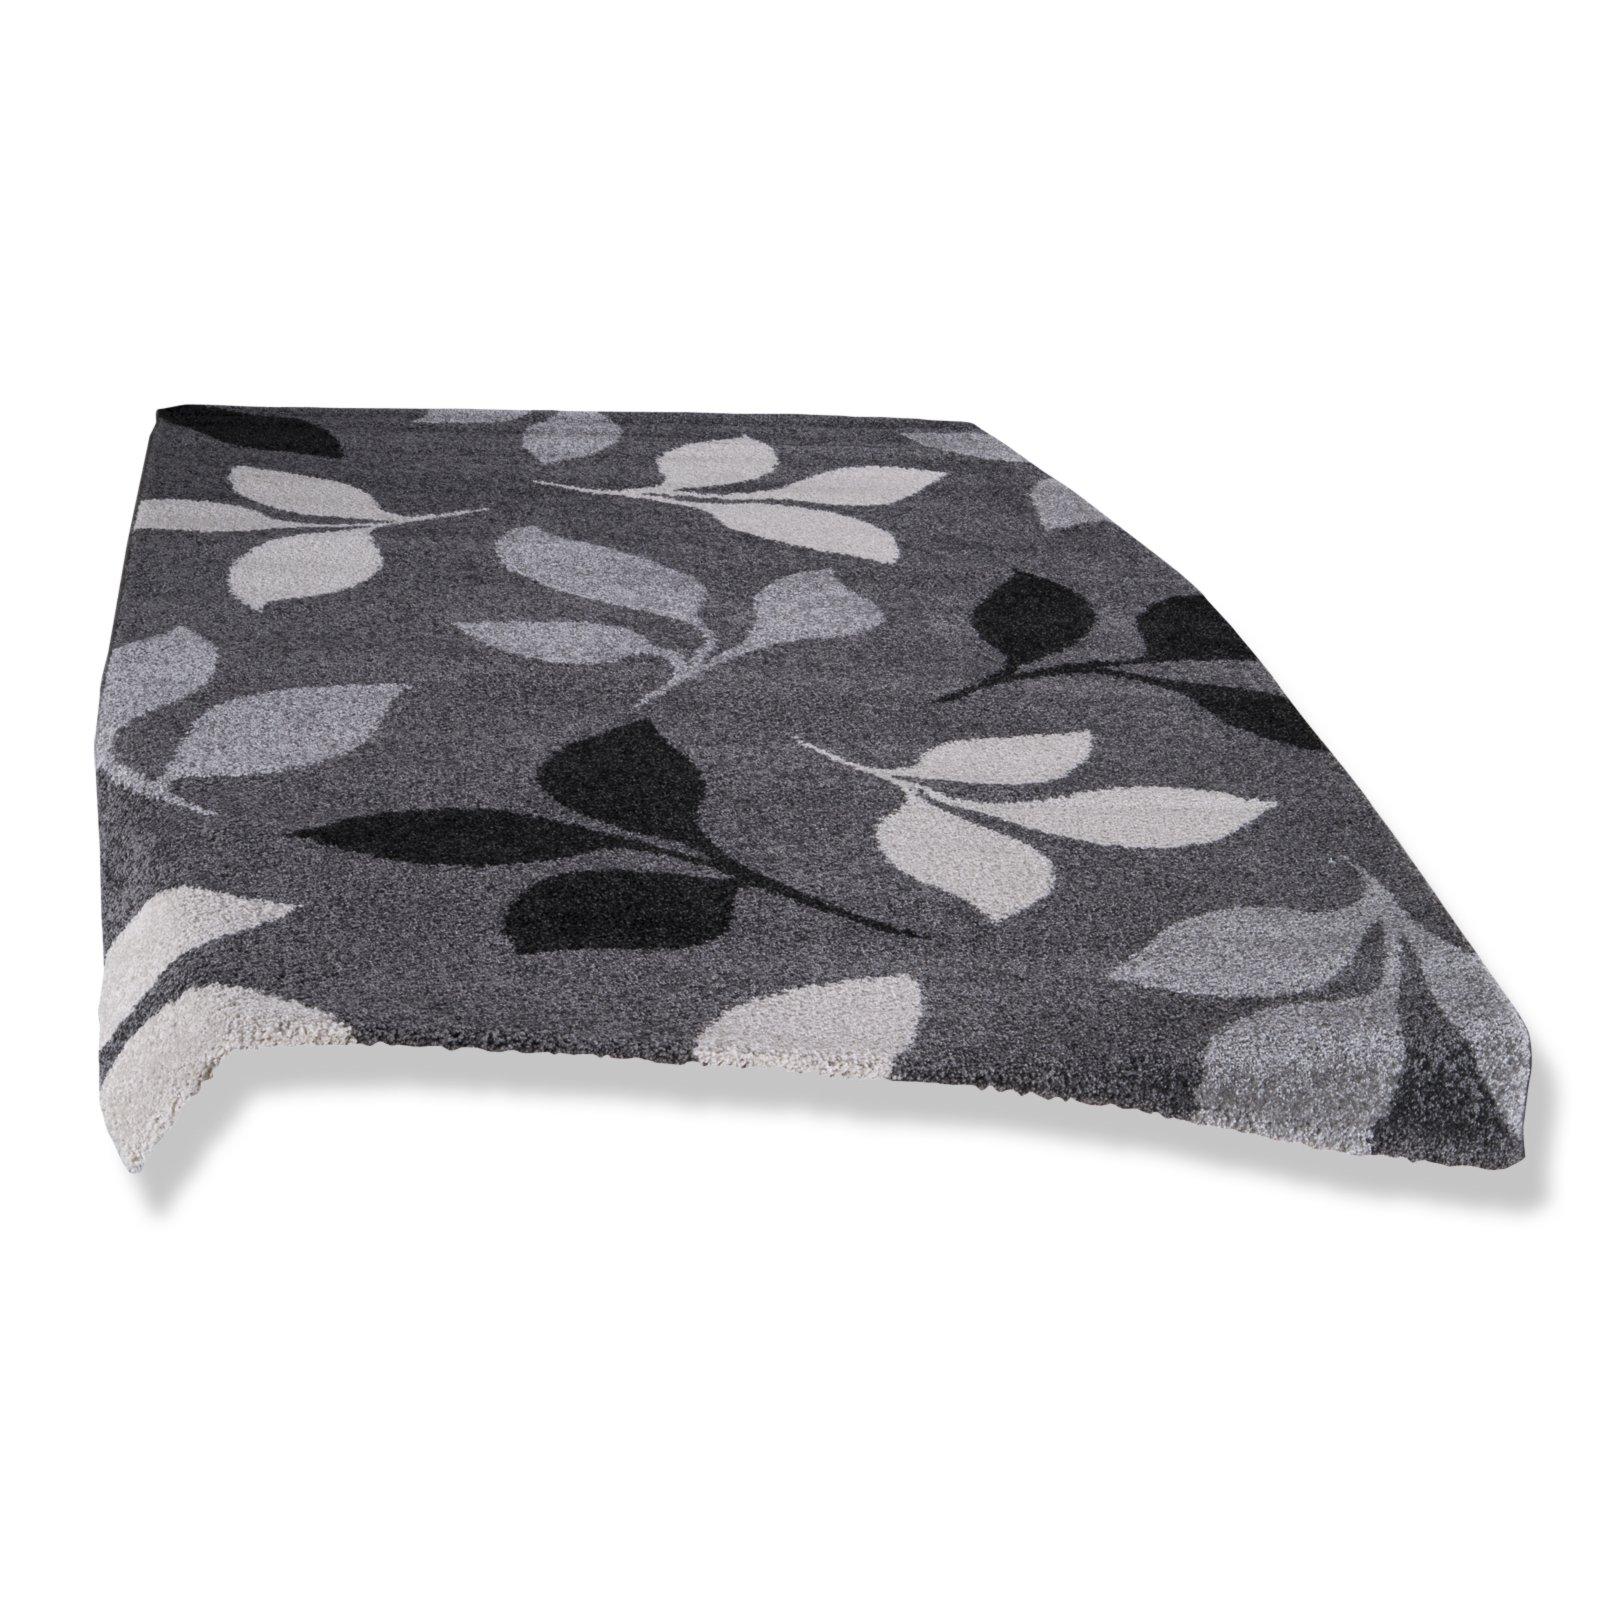 frisee teppich casa grau 200x290 cm gemusterte teppiche teppiche l ufer deko. Black Bedroom Furniture Sets. Home Design Ideas